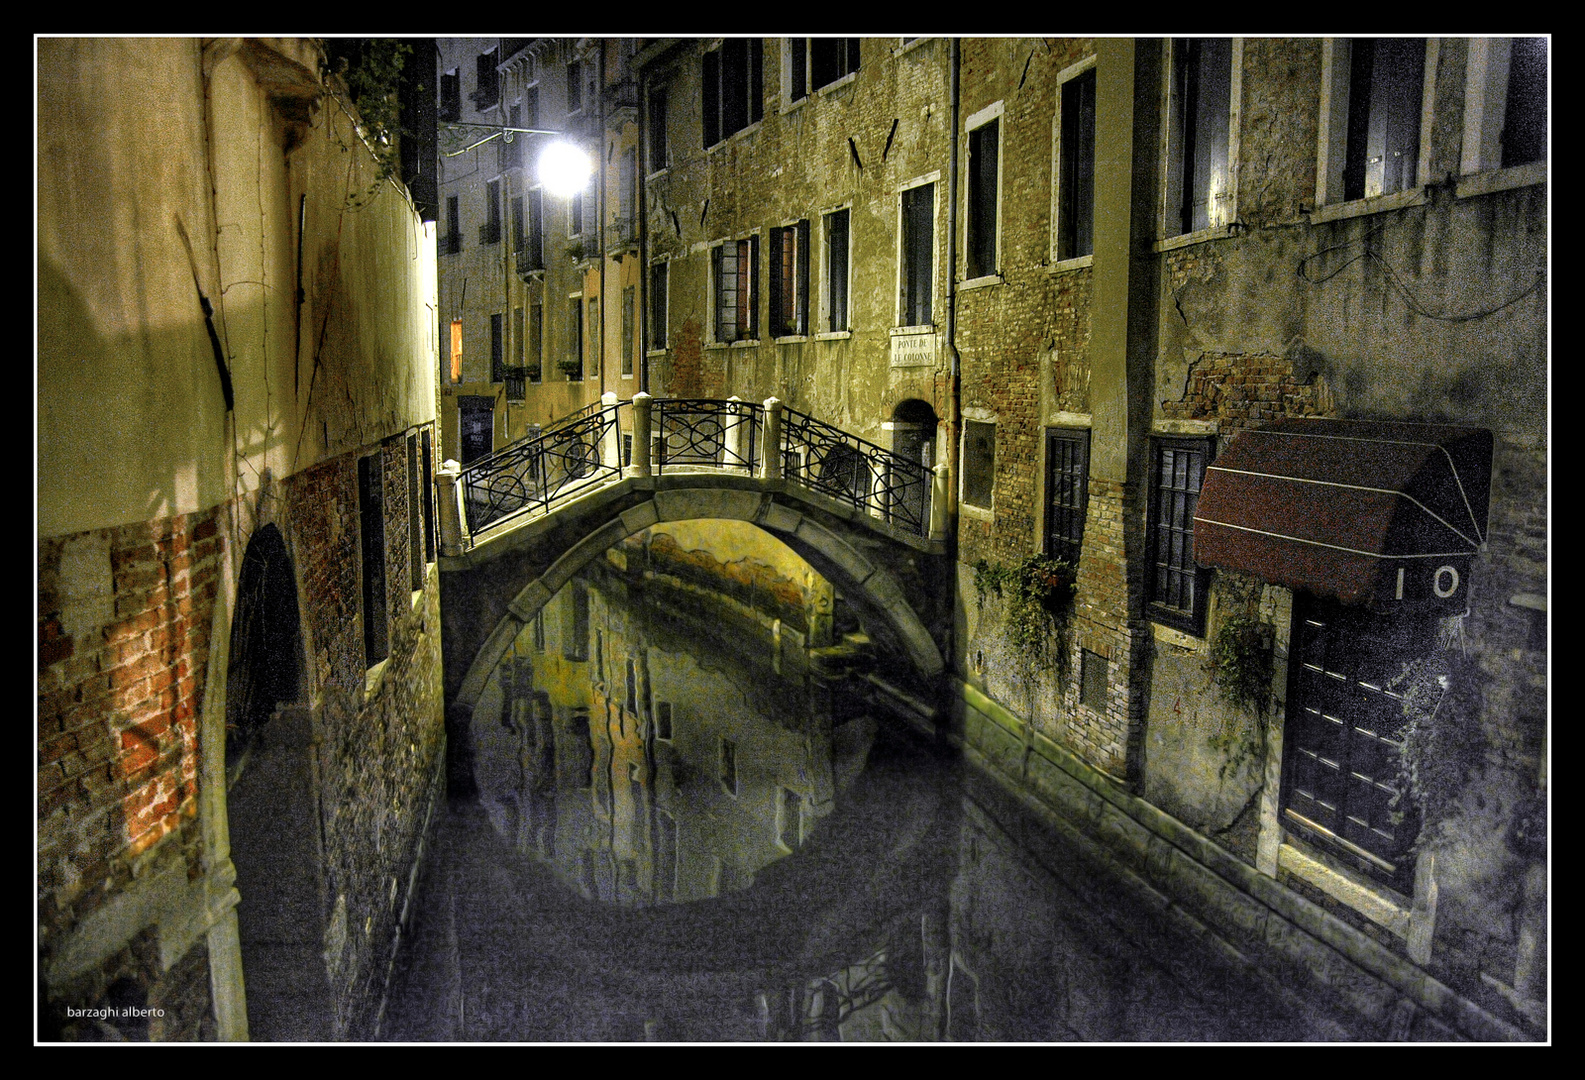 angolo di Venezia -3200 asa